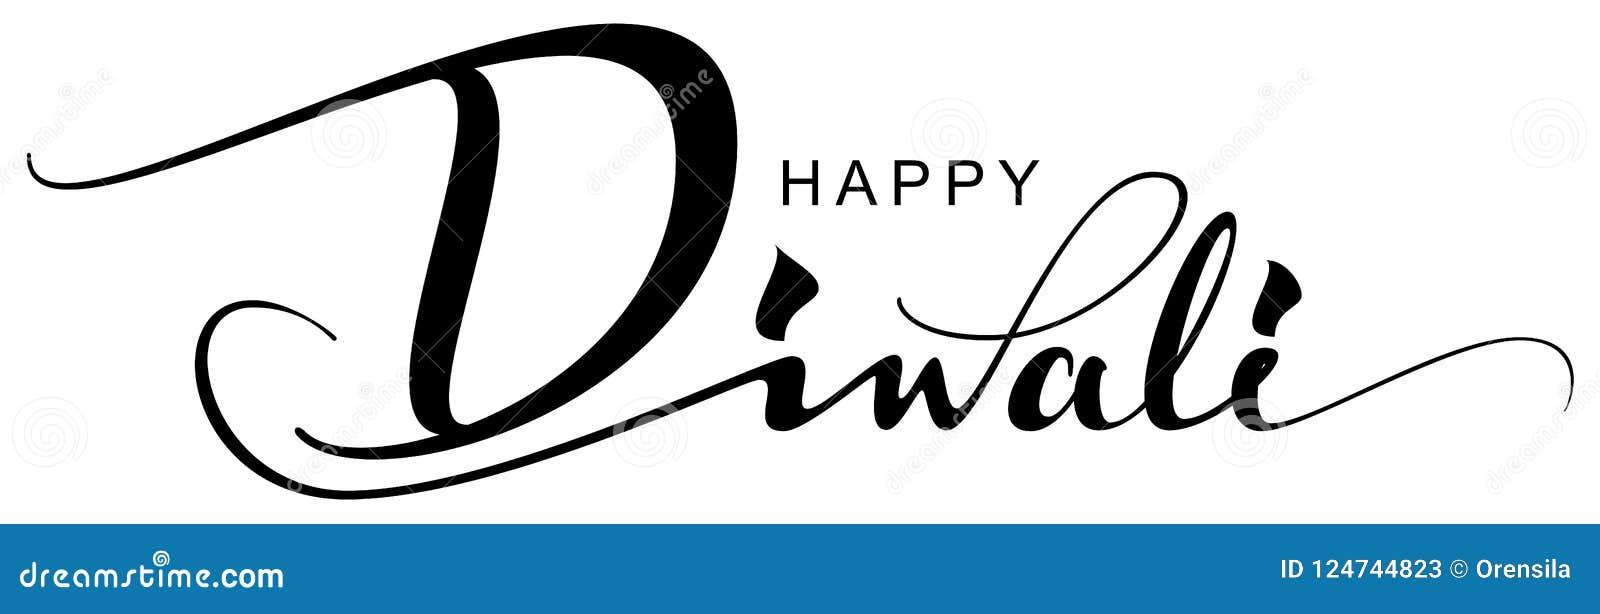 Ευτυχές Diwali κειμένων φεστιβάλ διακοπών ευχετήριων καρτών ινδικό των φω των